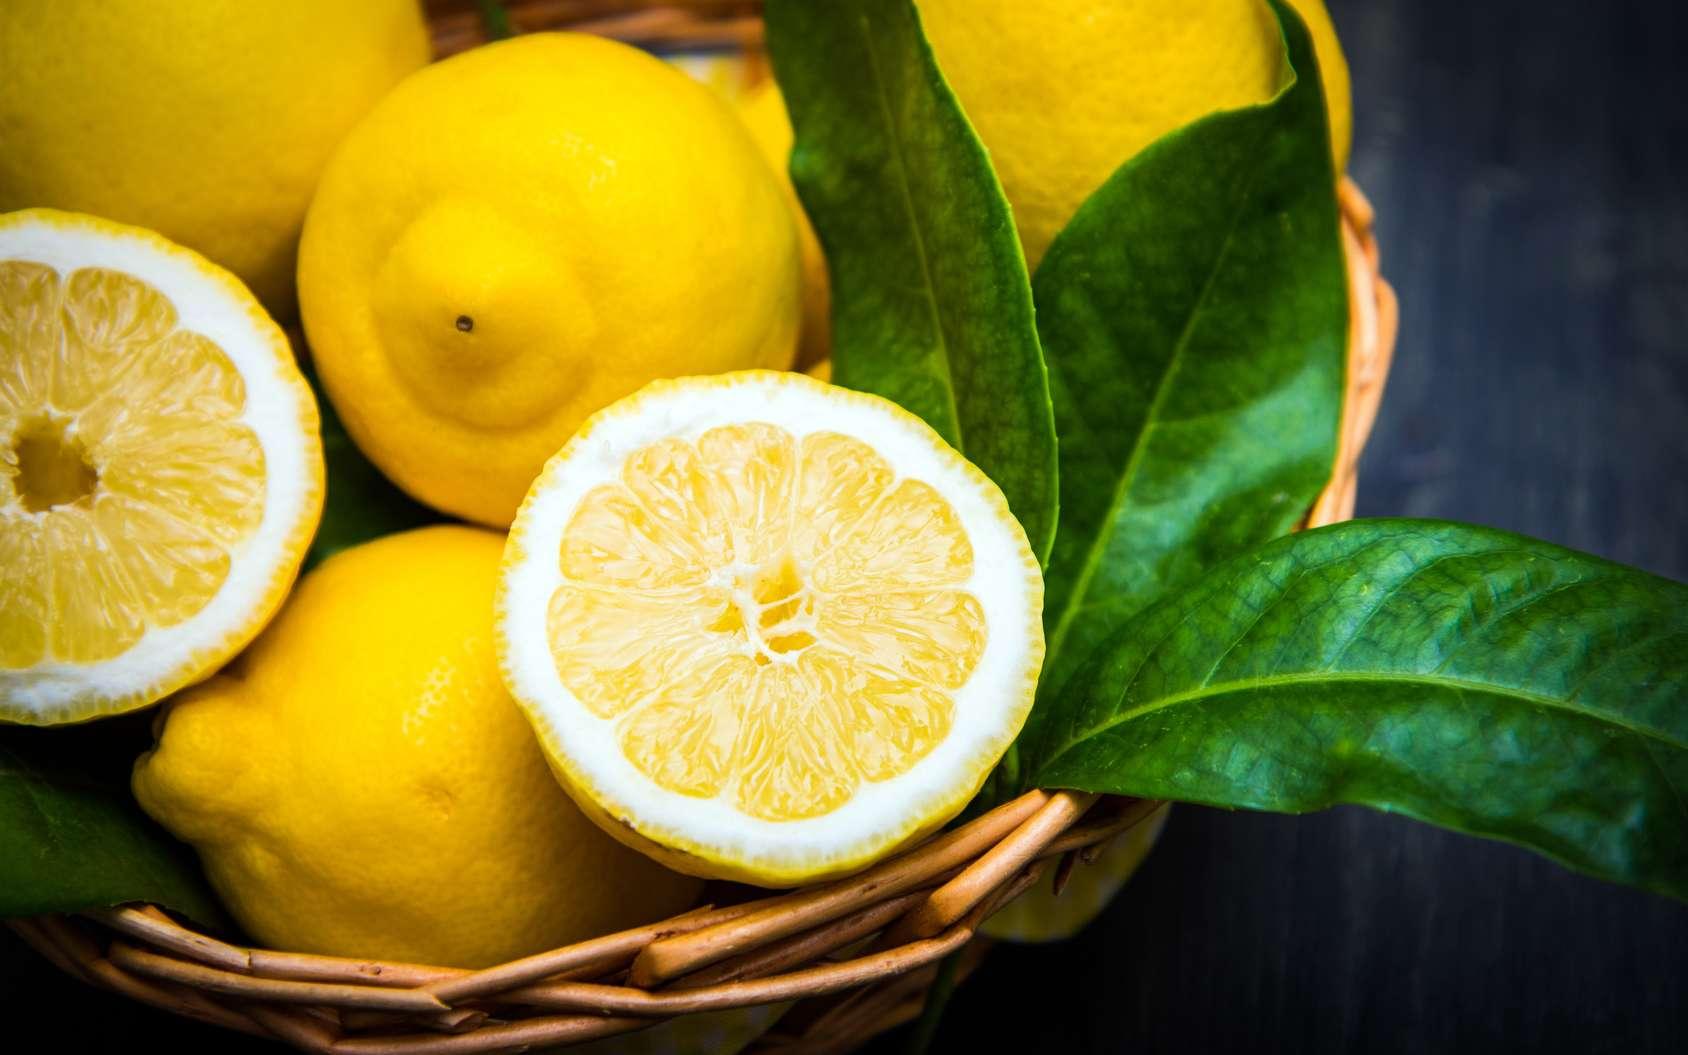 Le citron est une source naturelle de vitamine C. © Lsantilli, Fotolia